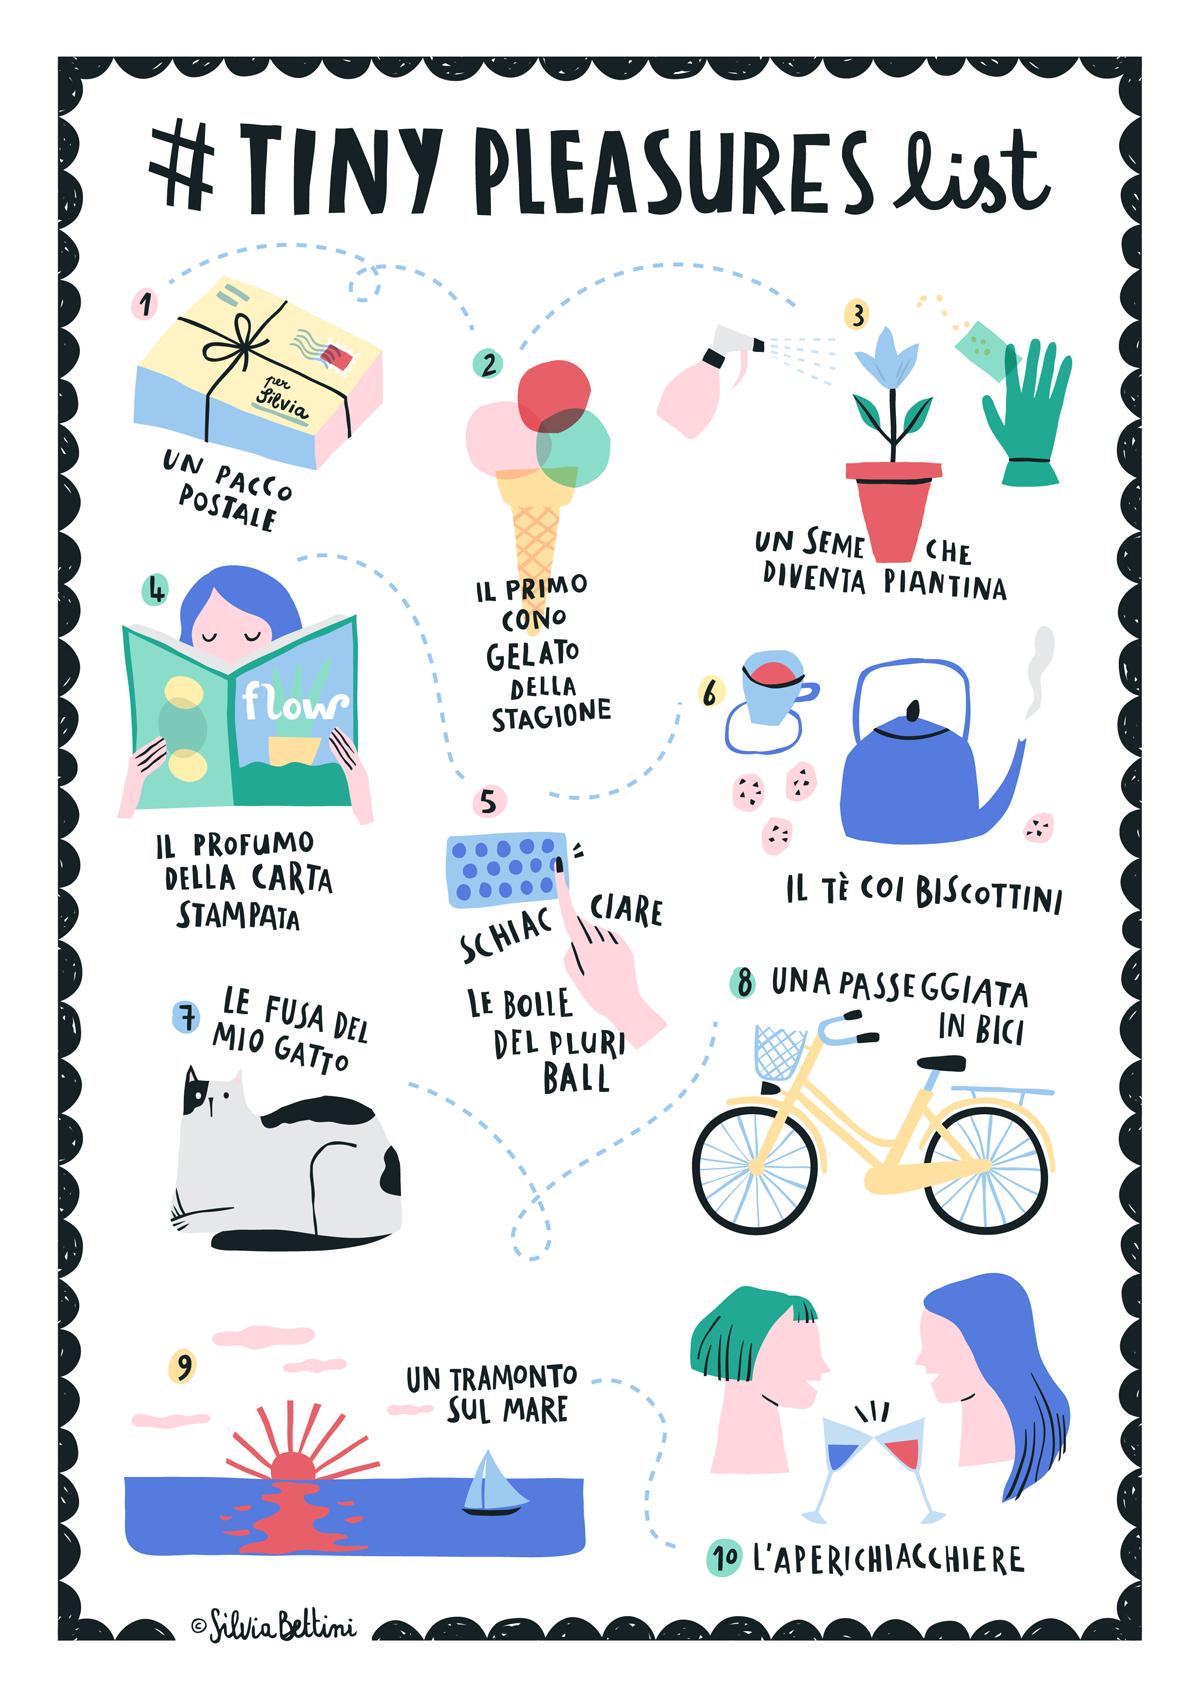 Illustrazione Tiny pleasures list @ Silvia Bettini